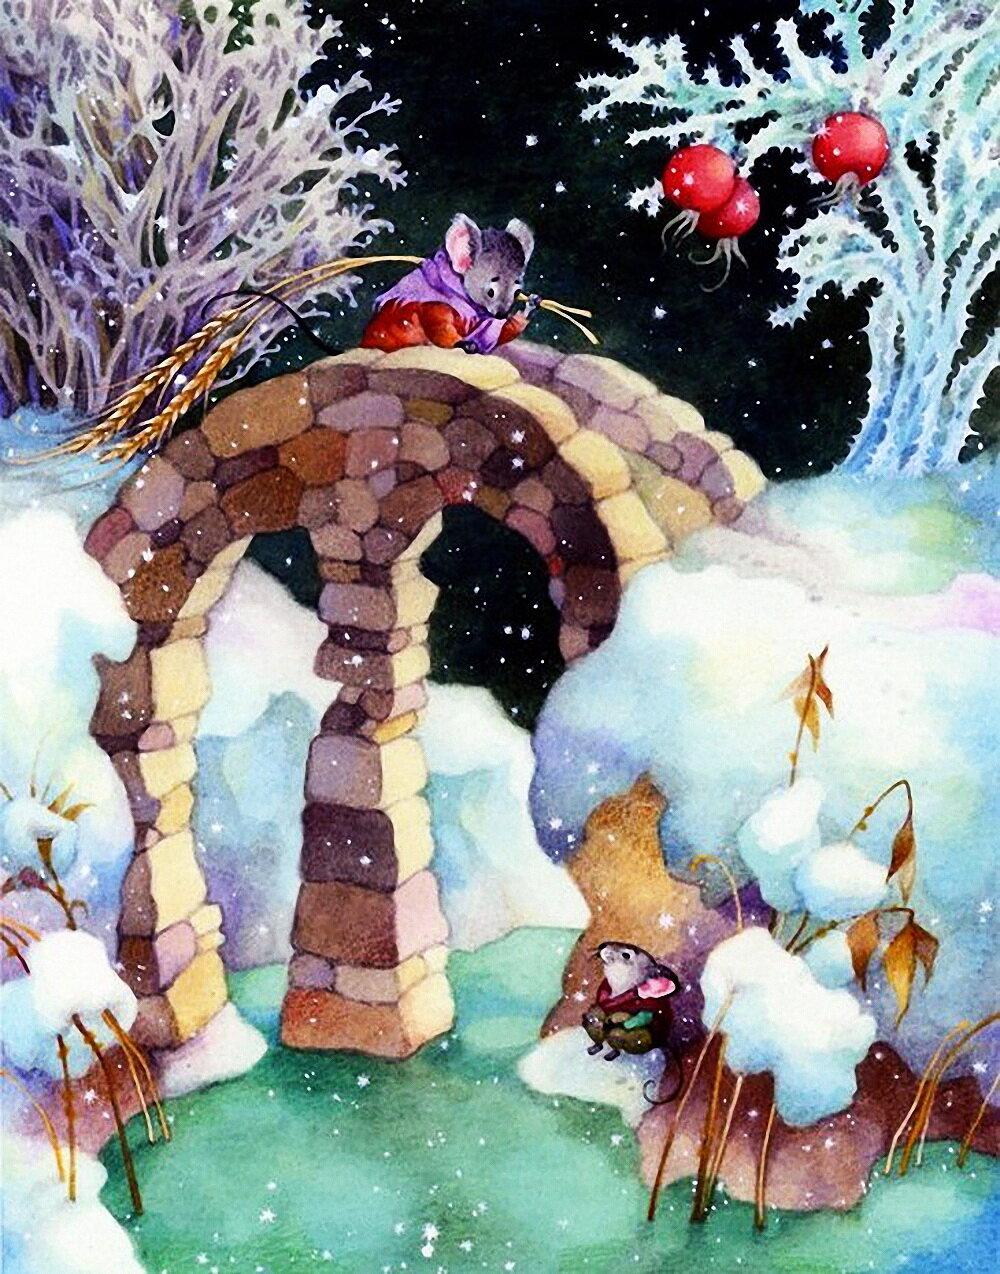 общем красивые картинки из сказок о зиме променад был максимально